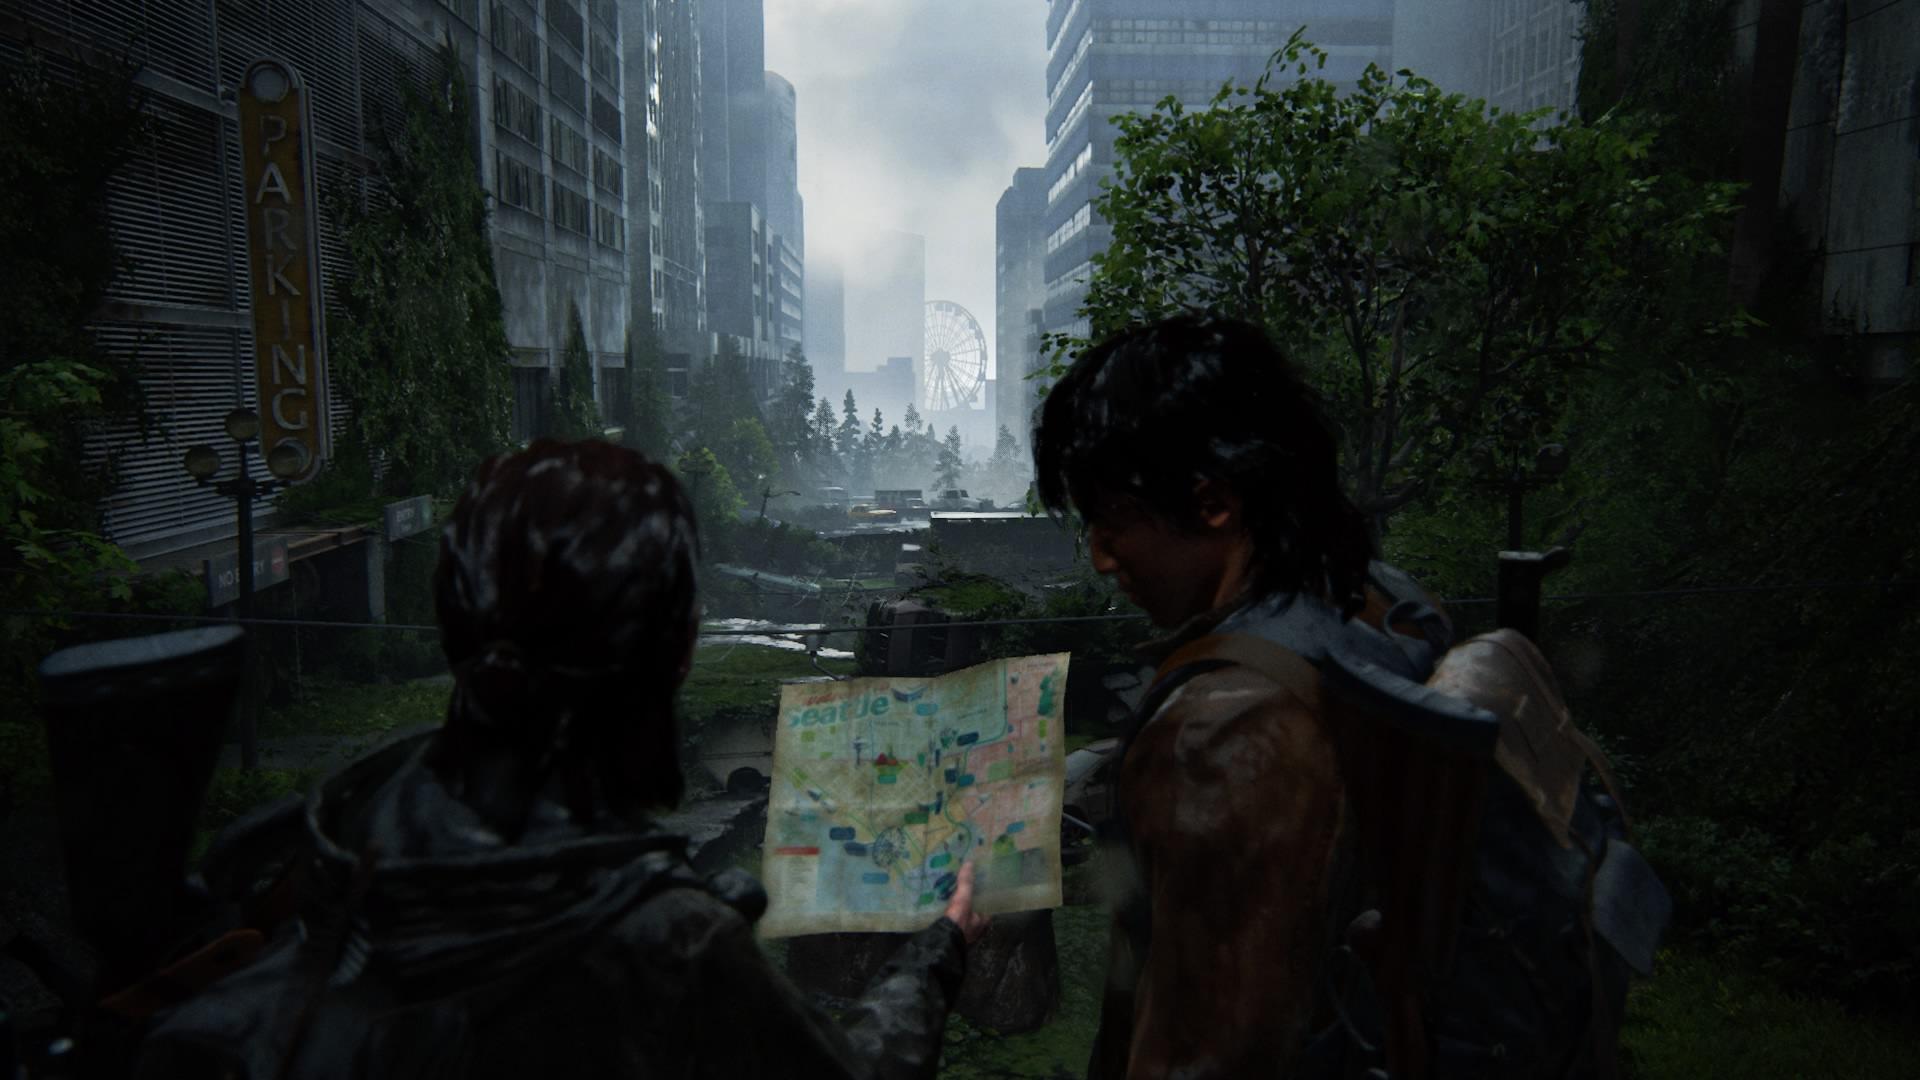 Ellie Und Jesse Schauen Sich Gemeinsam Die Beste Route An,